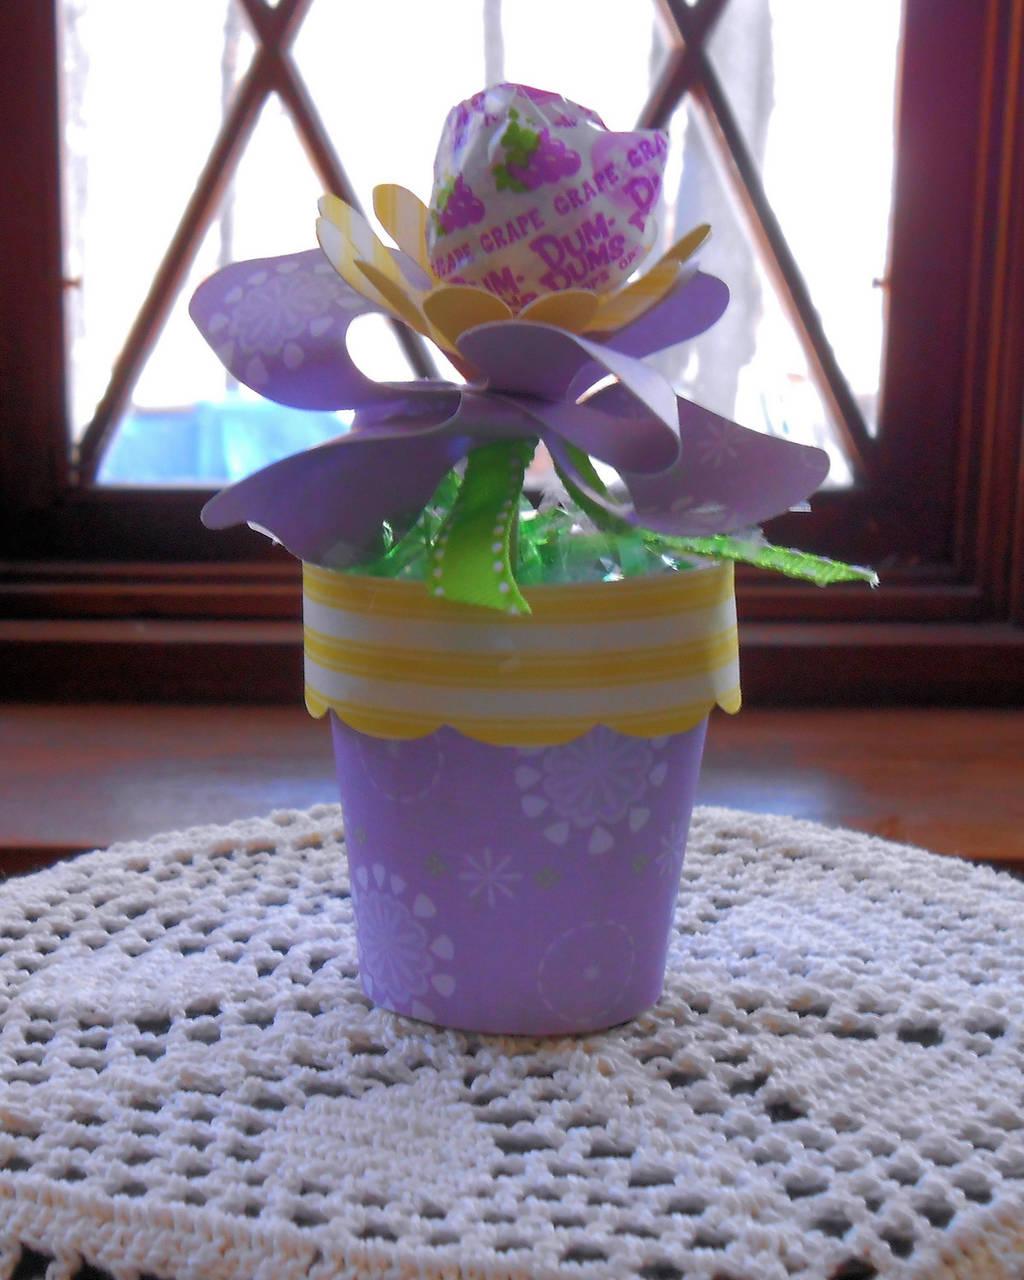 Dixie Cup flower pot